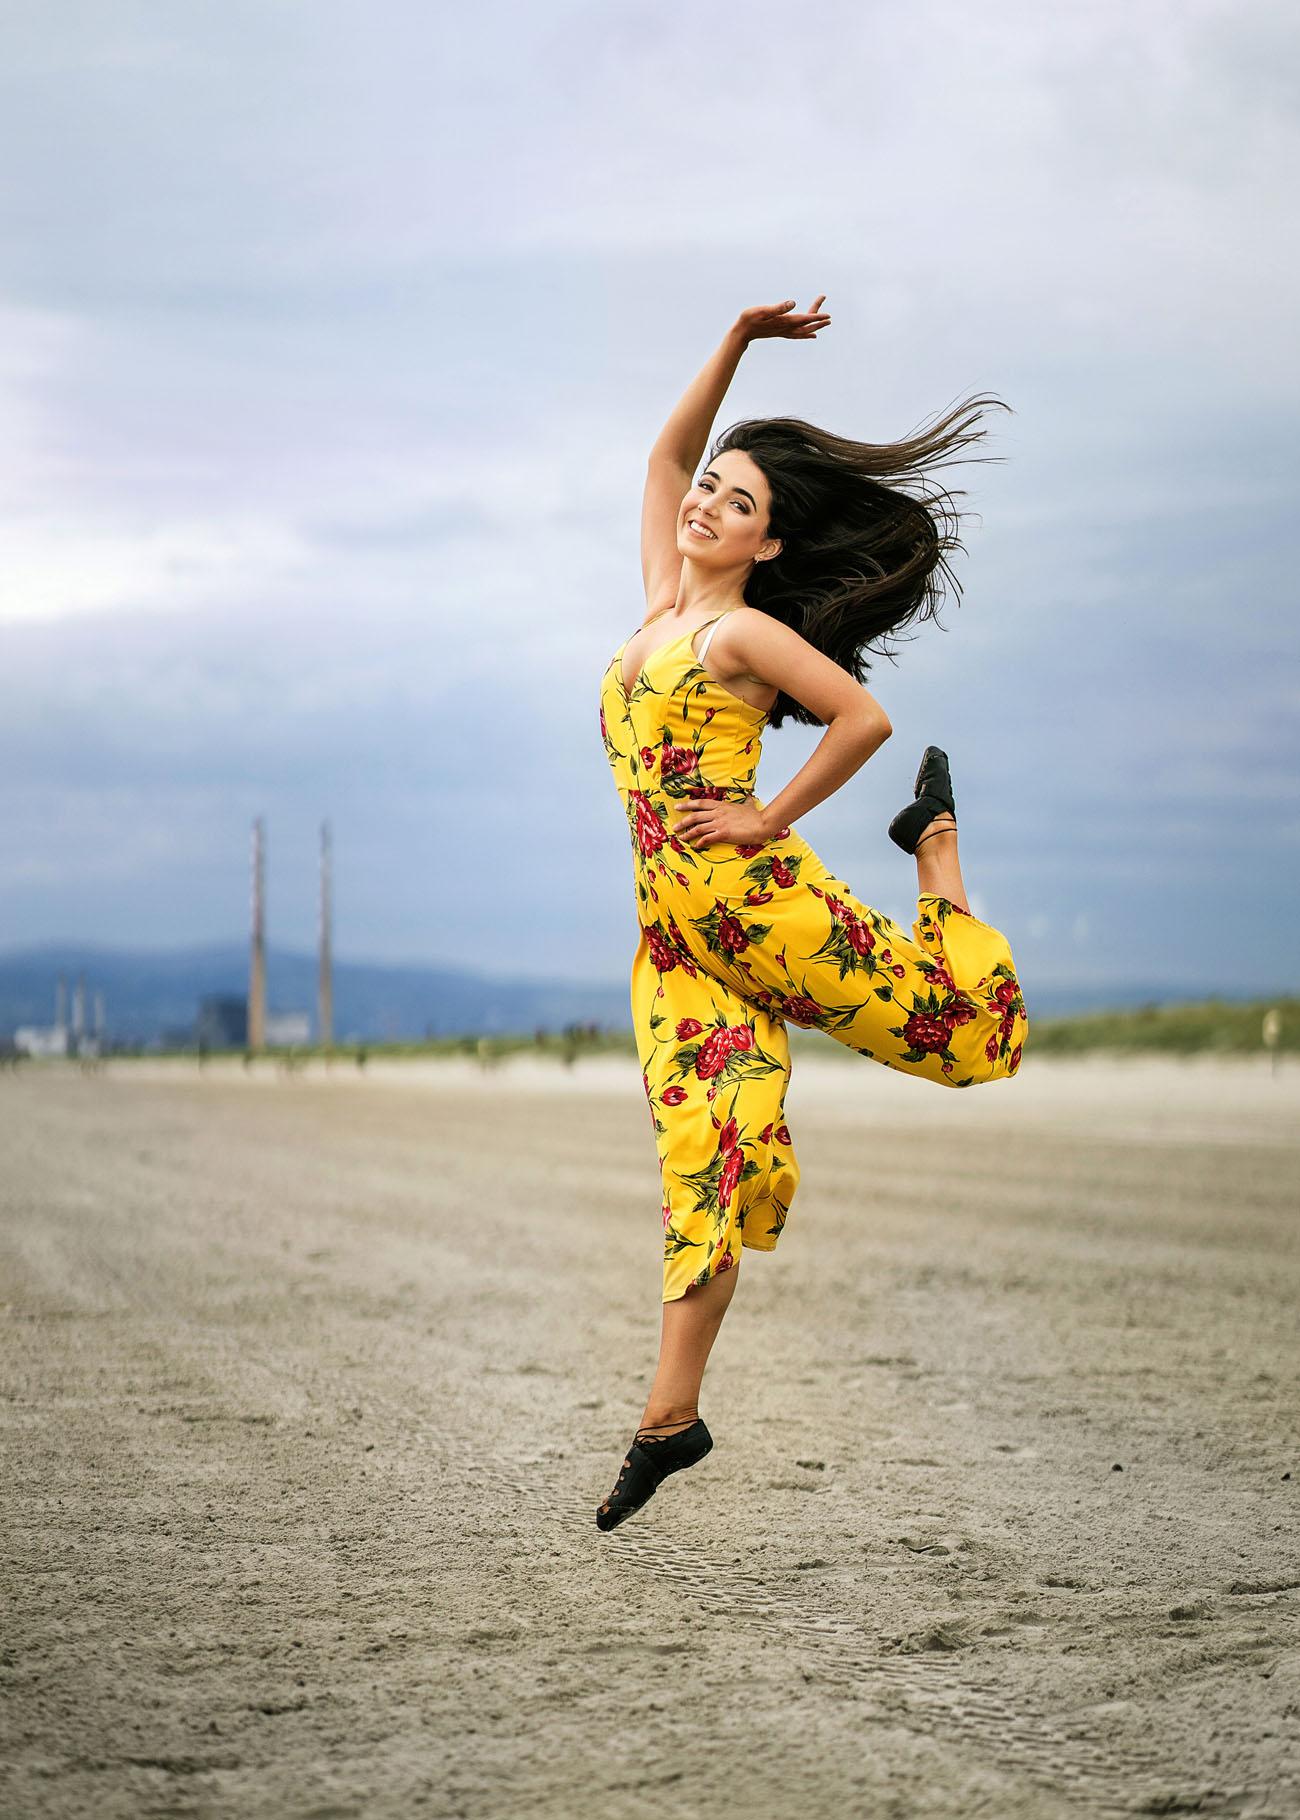 irish-dance-portrait-photographer-dublin-ireland-0085.jpg